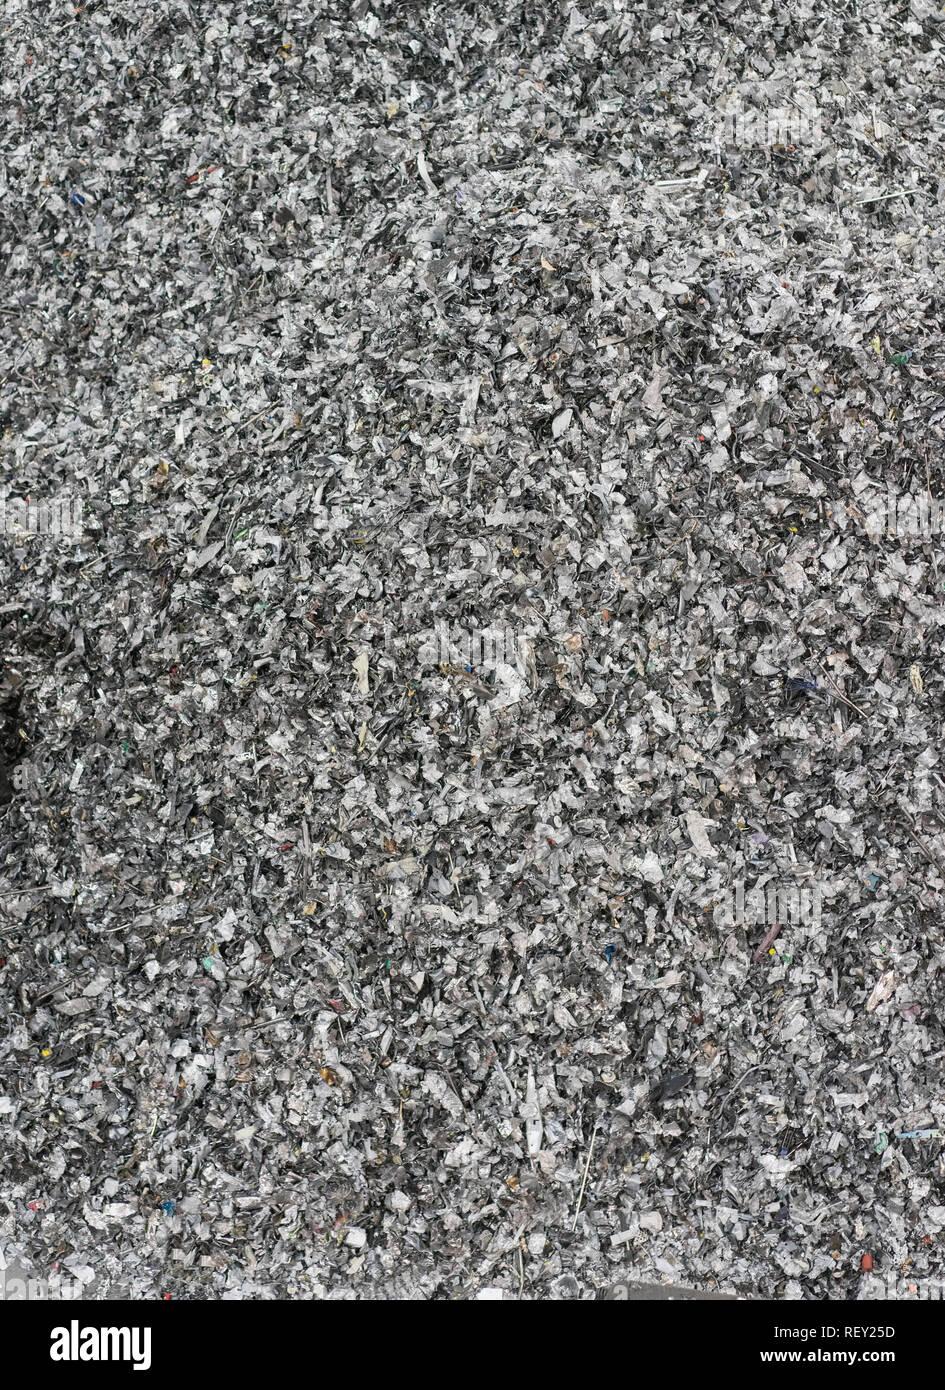 Equipo Papelera reciclaje de residuos residuos electrónicos tecnológicos esperando ser desmantela como electronic residuos reciclables. Imagen De Stock